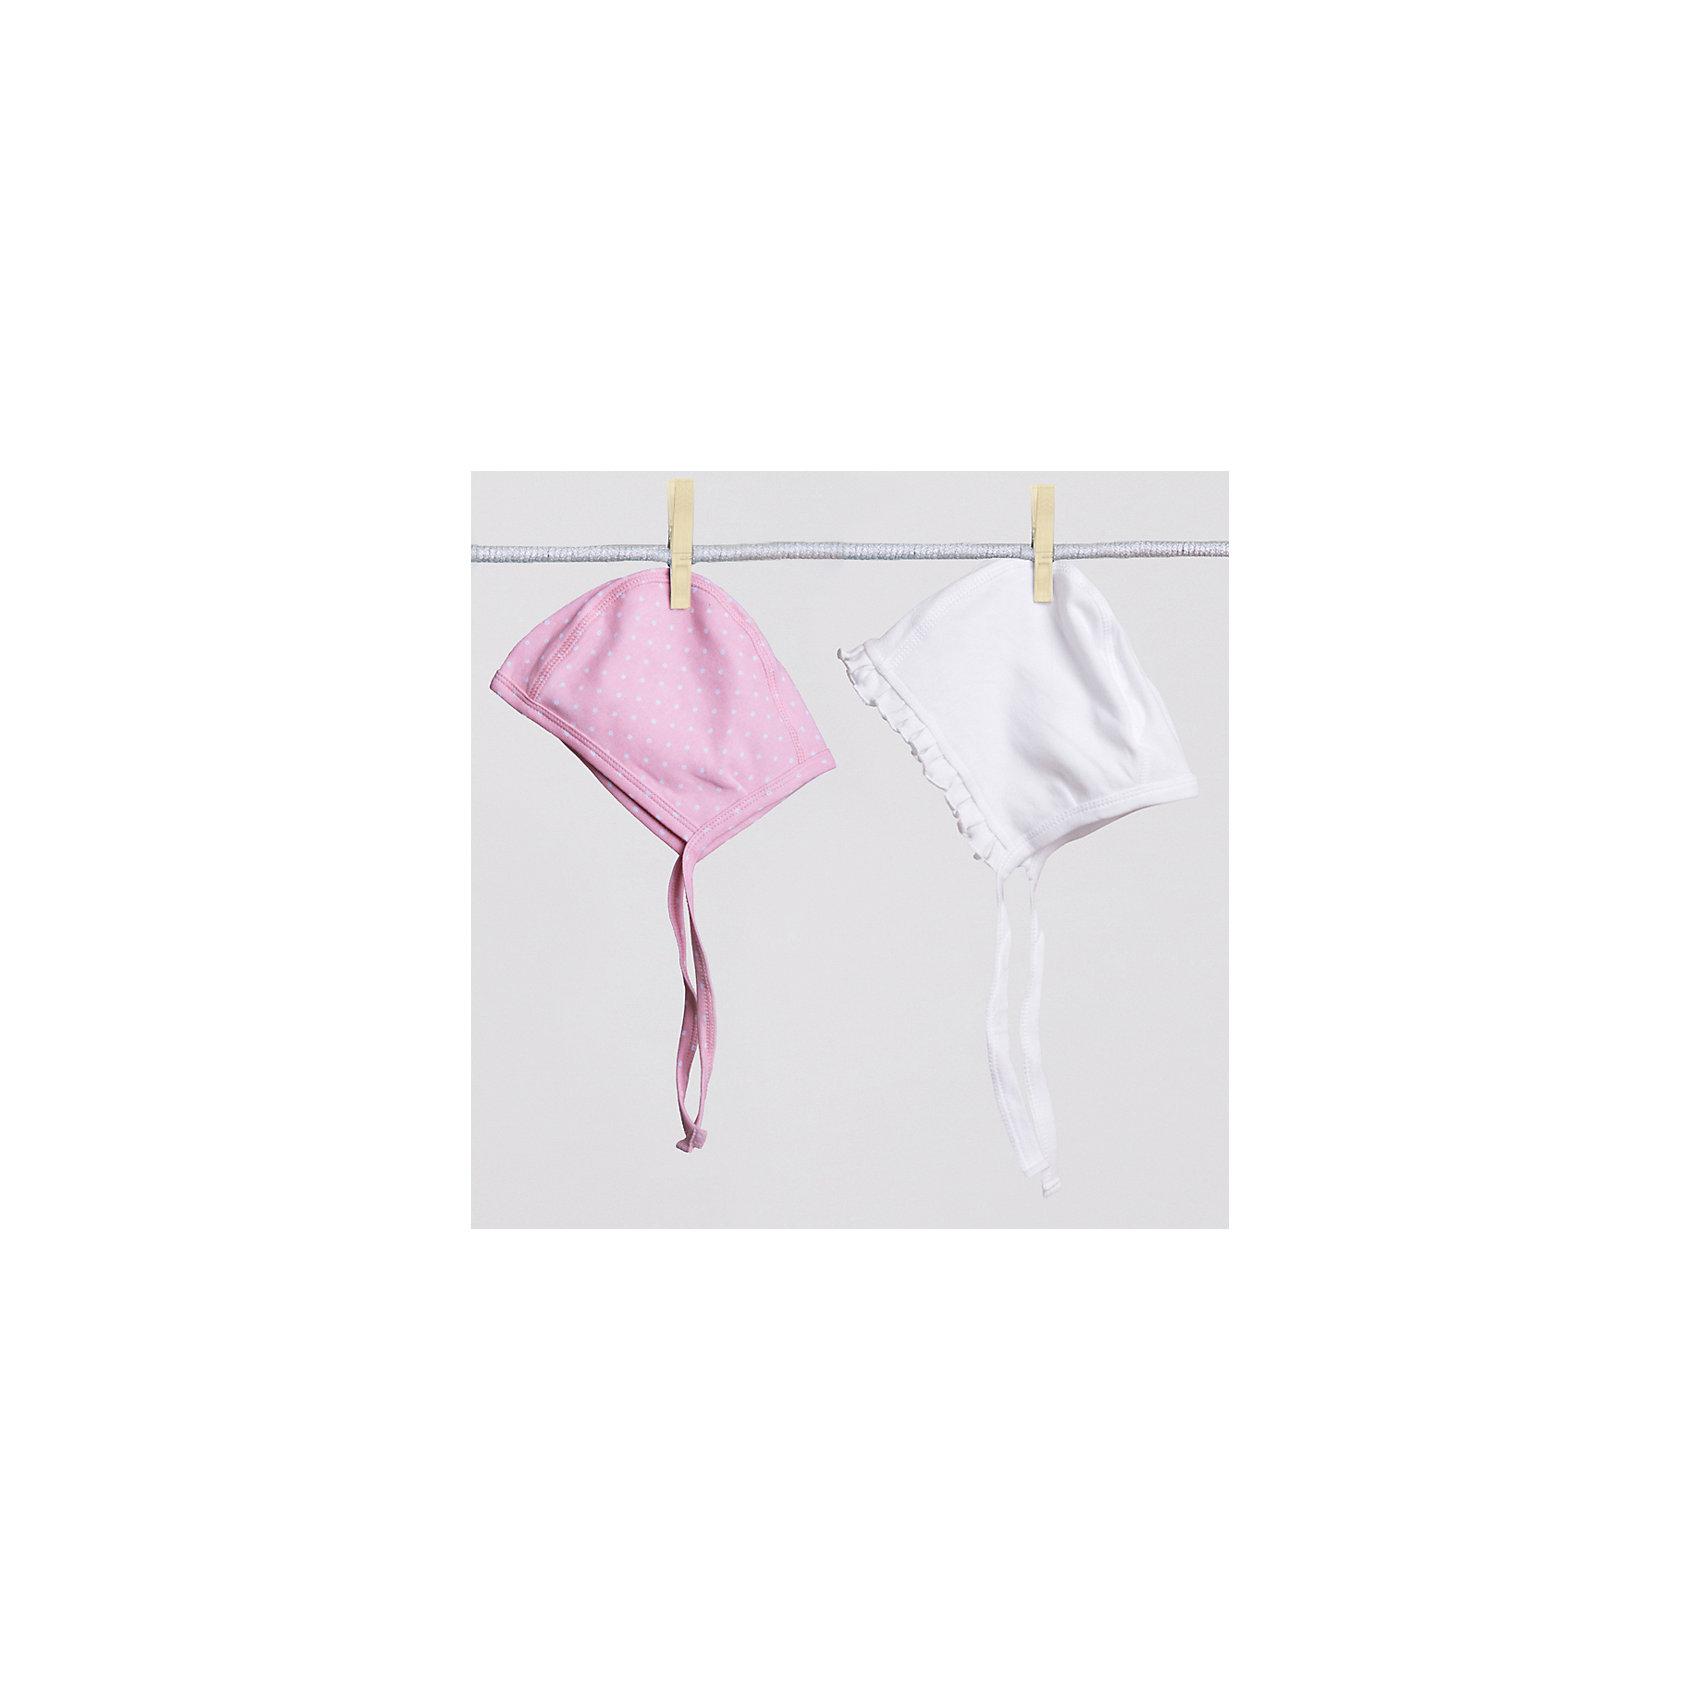 Шапка для девочки (2 шт.) PlayTodayШапка для девочки (2 шт.) от известного бренда PlayToday. <br>Комплект из двух чепчиков из мягкой ткани. <br>Приятны к телу и надежно закрывают лоб и ушки малыша.<br>* высококачественный материал          <br>* два цветовых решения                       <br>* отличный вариант для повседневного использования <br>Состав: 100% хлопок<br><br>Ширина мм: 89<br>Глубина мм: 117<br>Высота мм: 44<br>Вес г: 155<br>Цвет: белый<br>Возраст от месяцев: 3<br>Возраст до месяцев: 6<br>Пол: Женский<br>Возраст: Детский<br>Размер: 42,44,40<br>SKU: 3987559